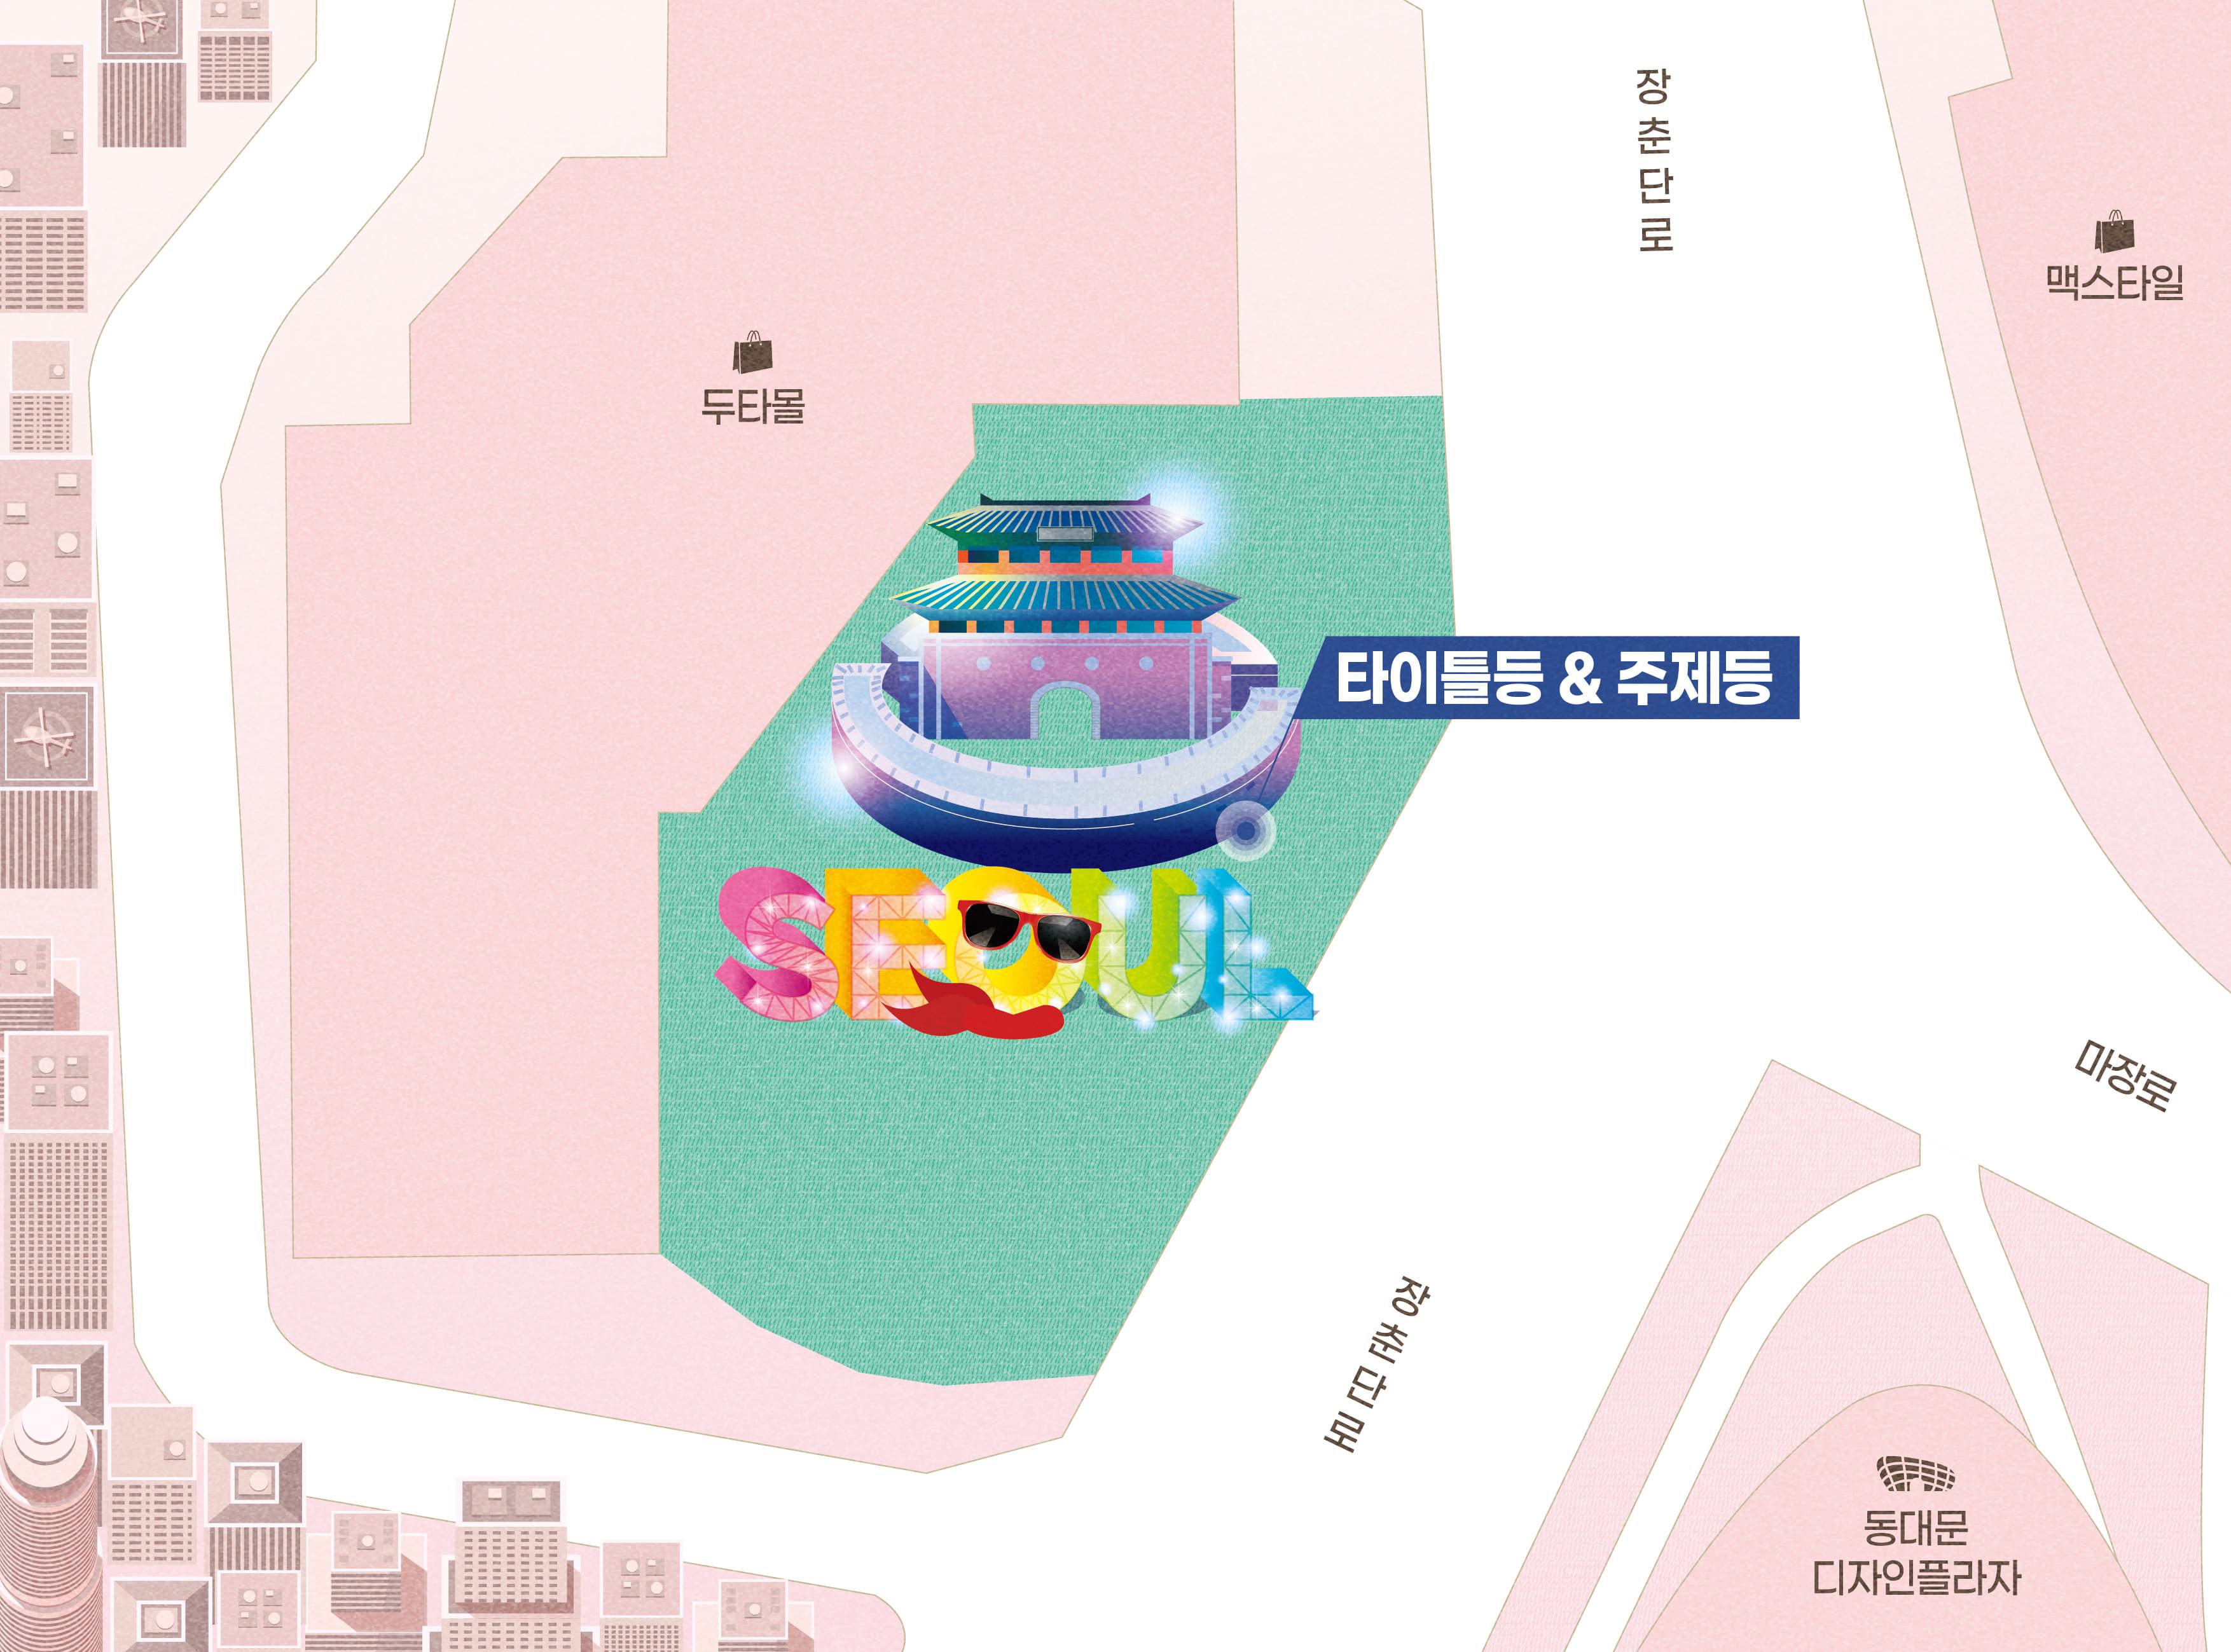 하단의 동대문 관광특구 오시는 길에서 확인하실 수 있습니다